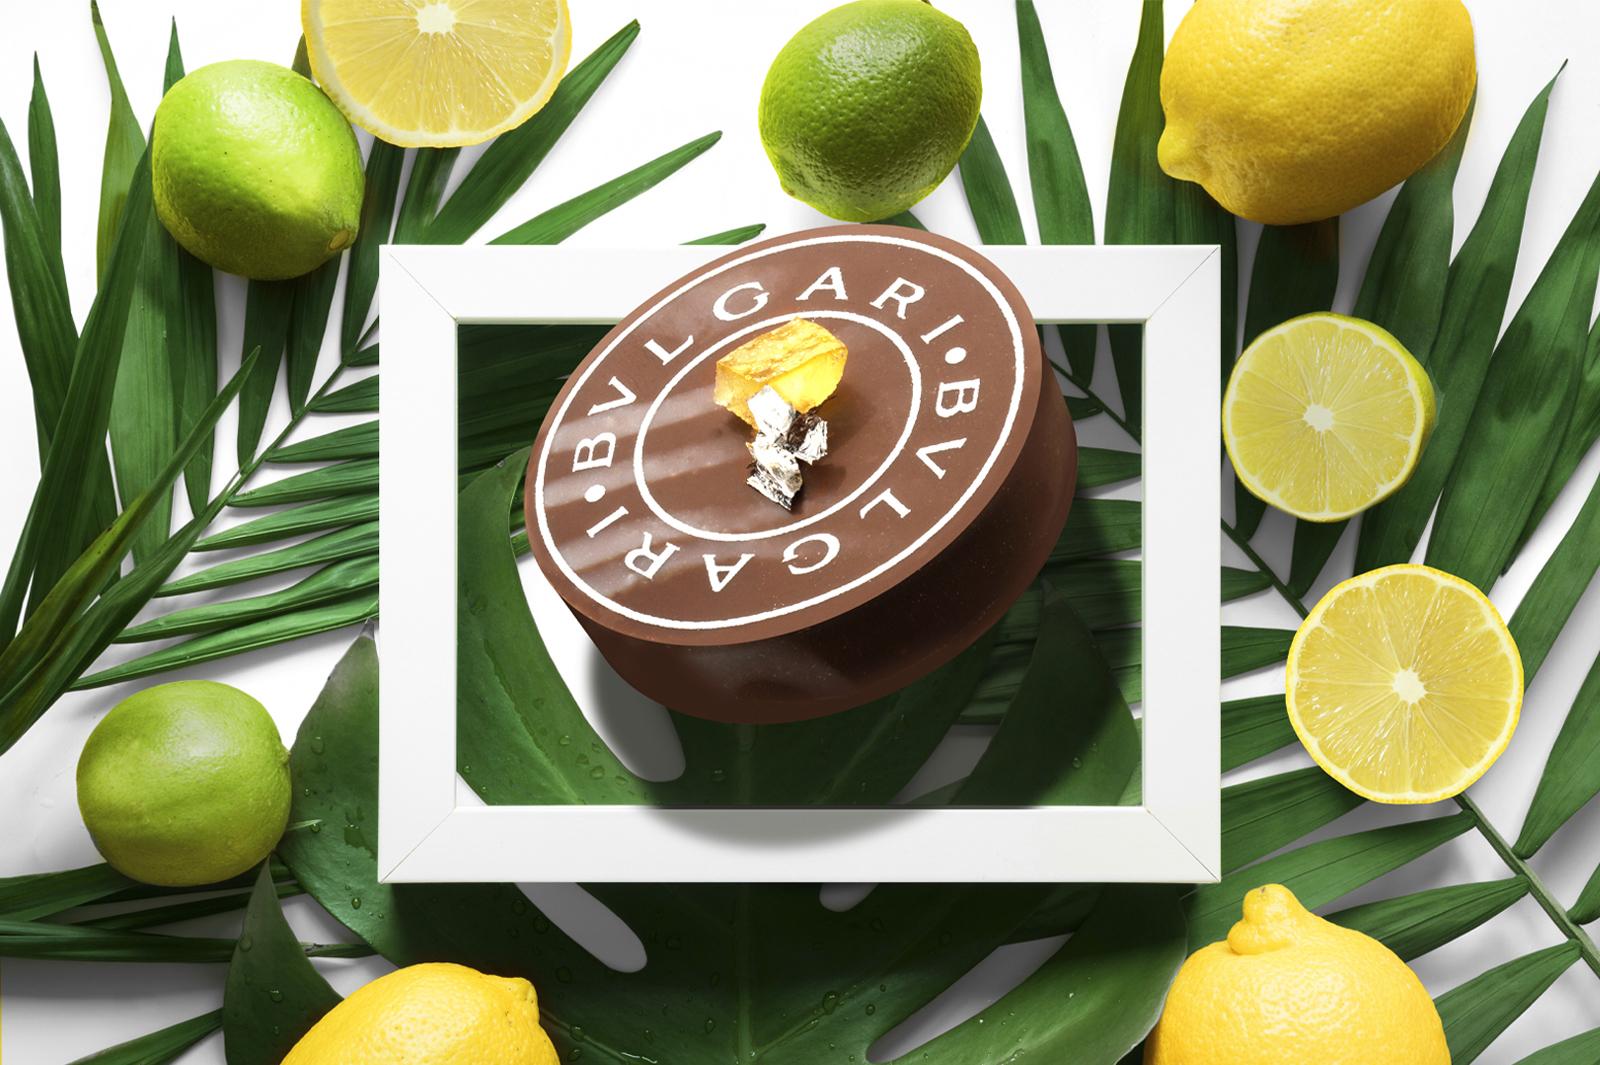 ブルガリ イル・チョコラ―ト レモン チョコレート